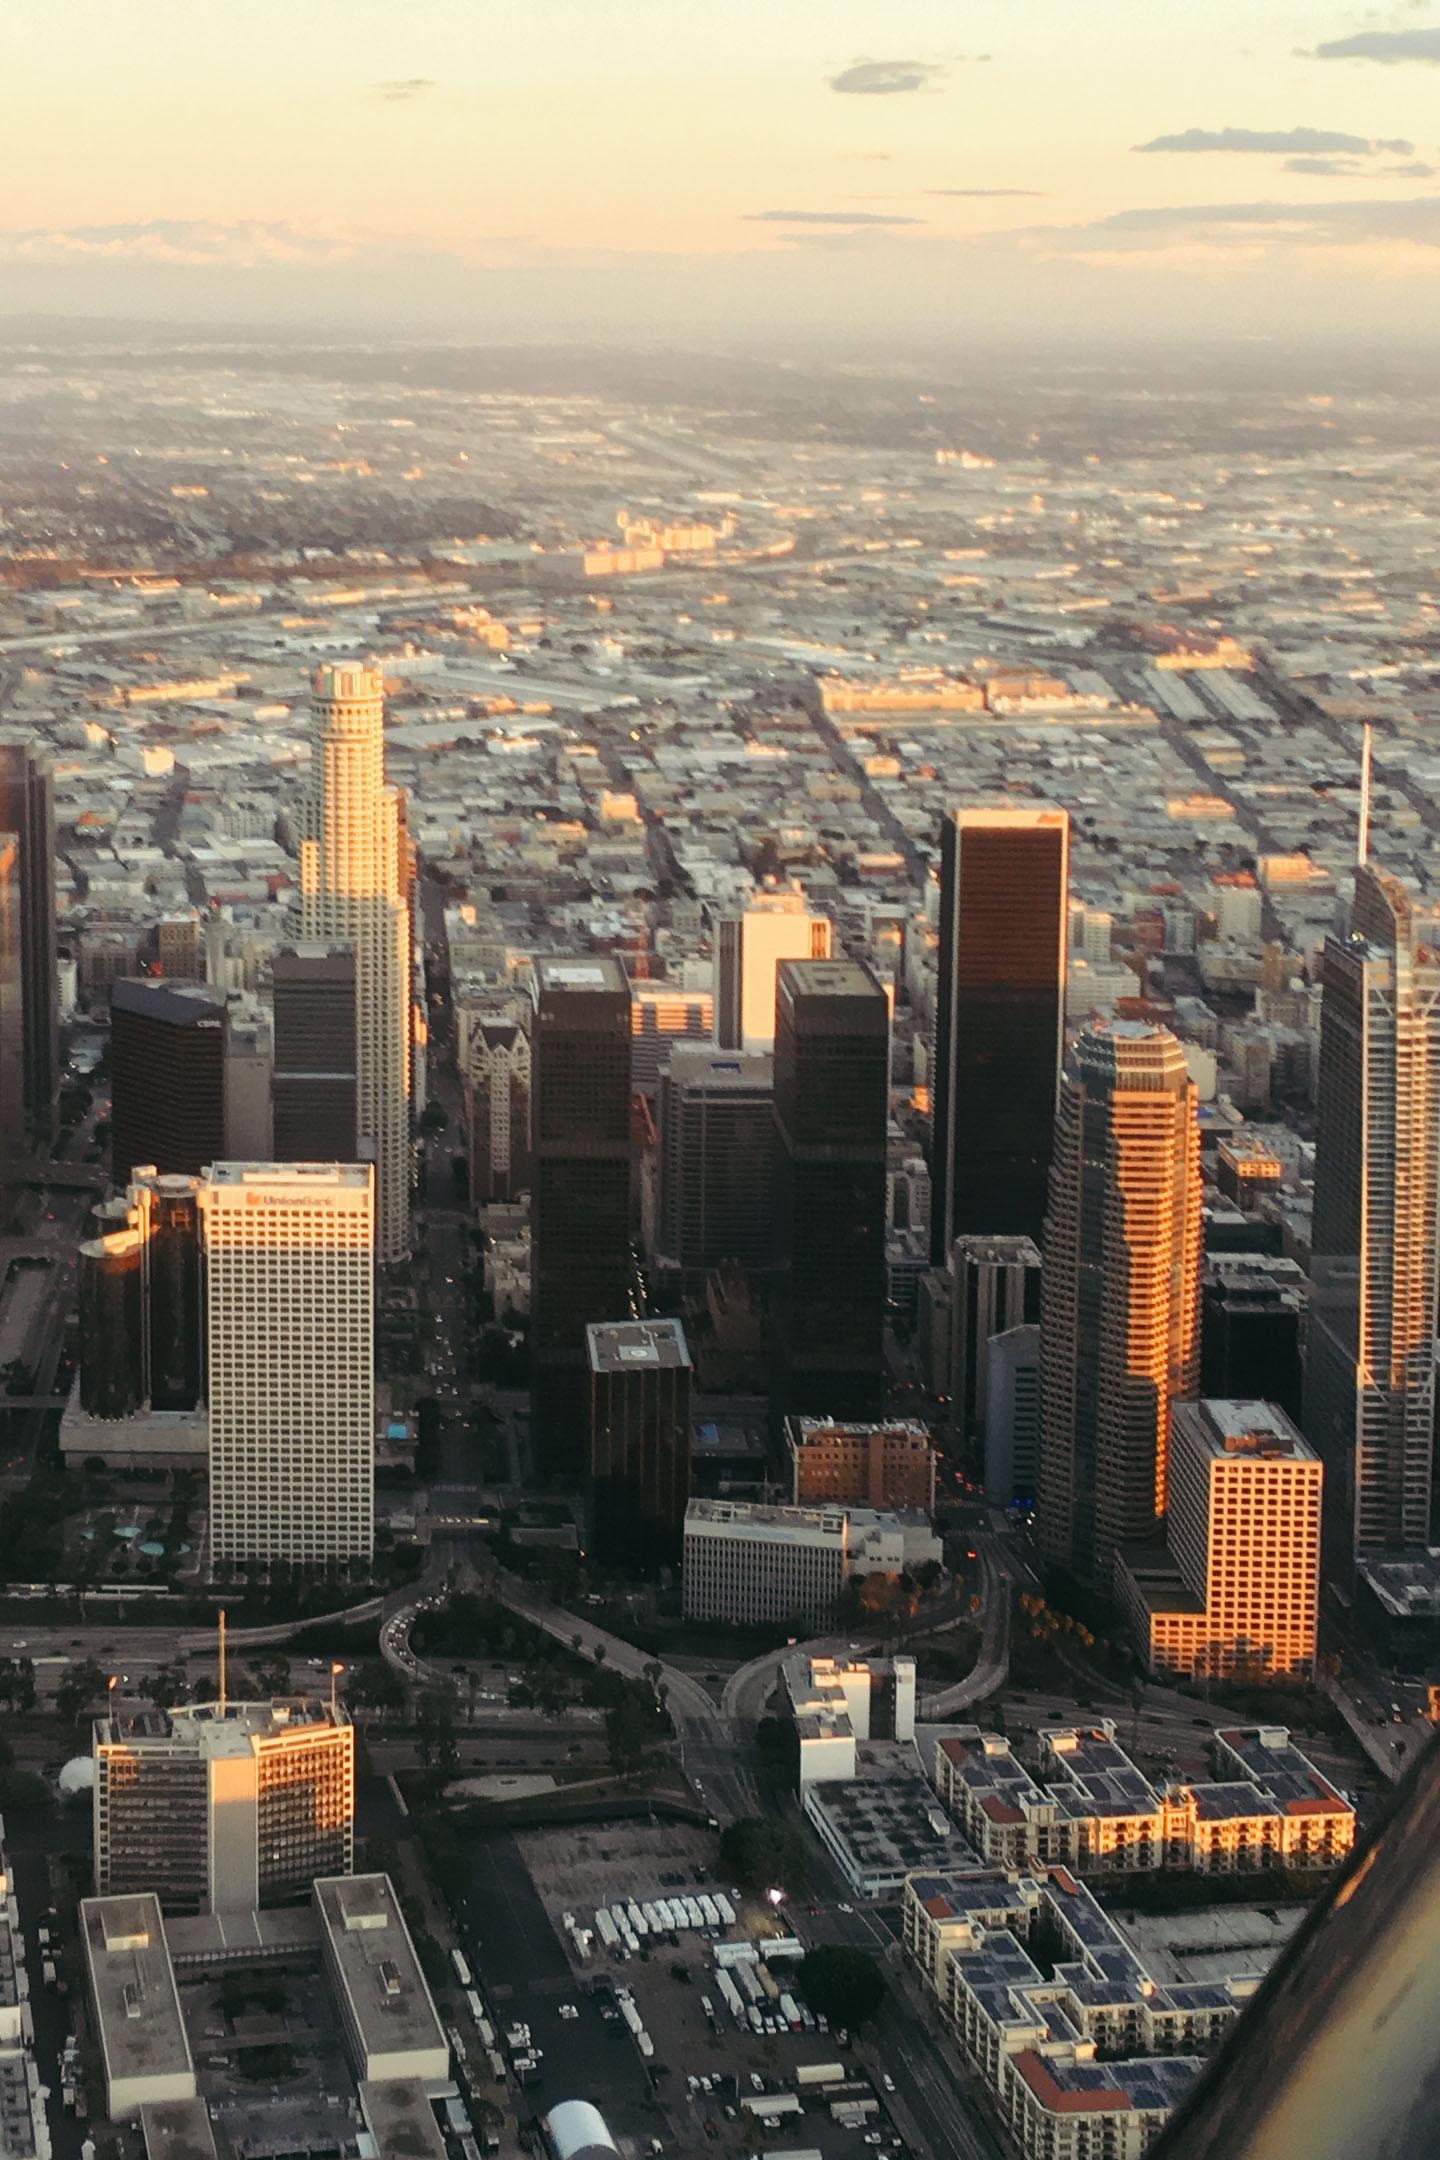 The Skycrapers of LA